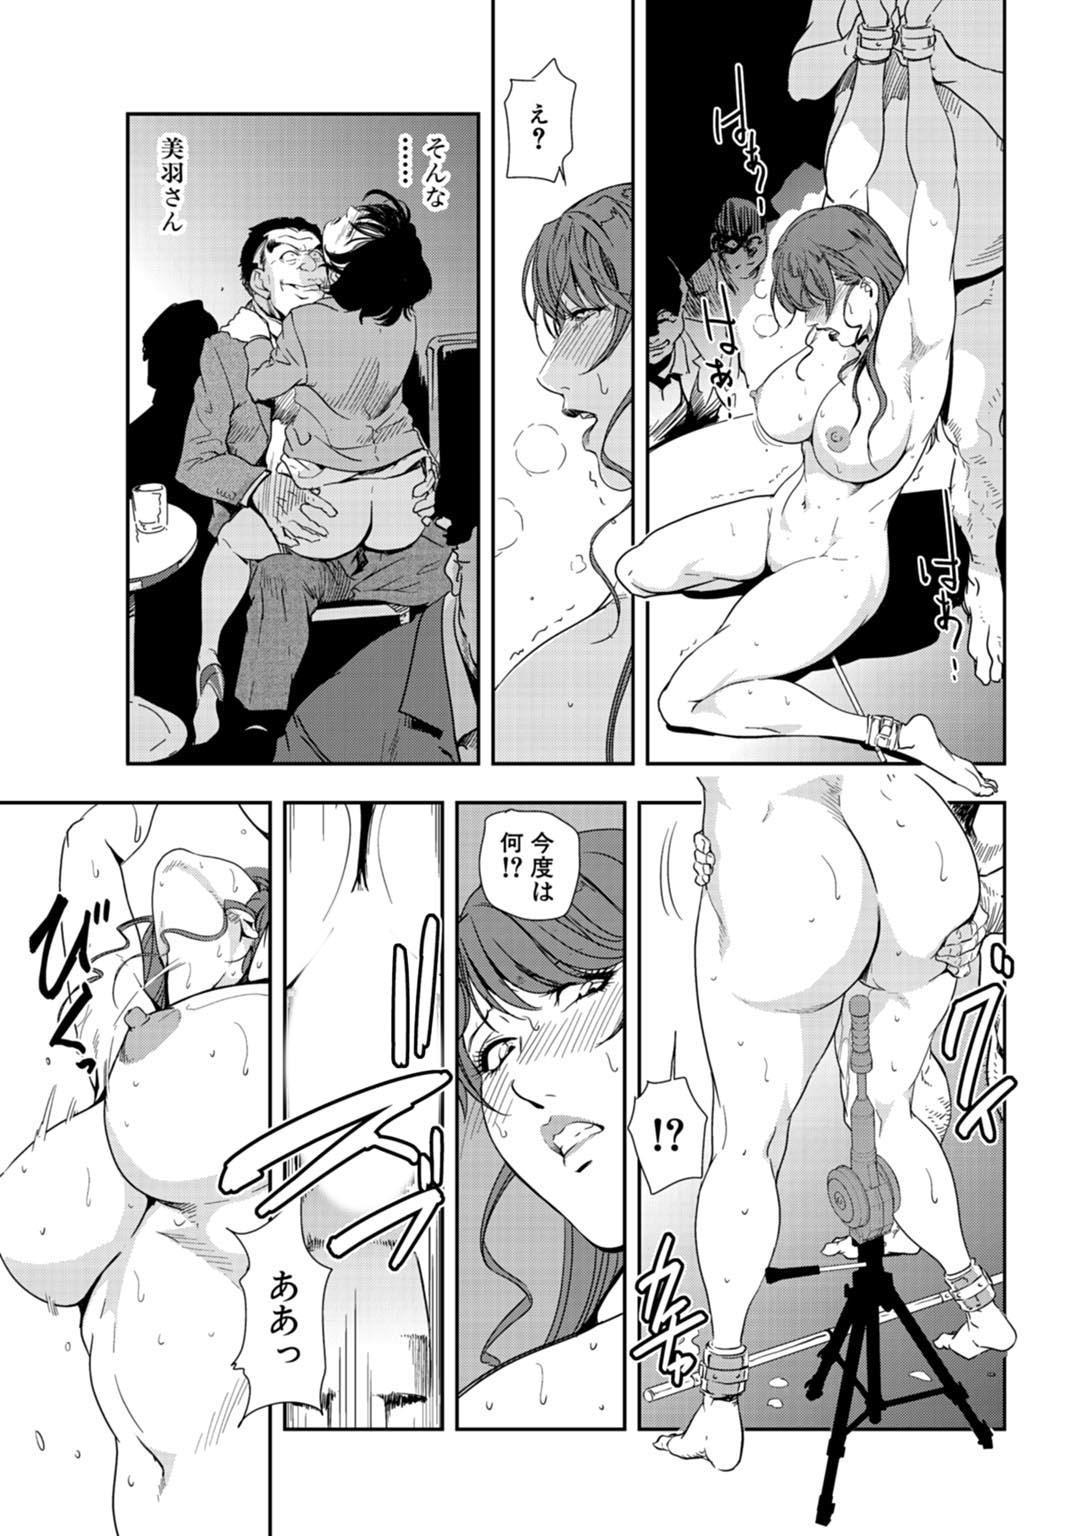 Nikuhisyo Yukiko 25 67